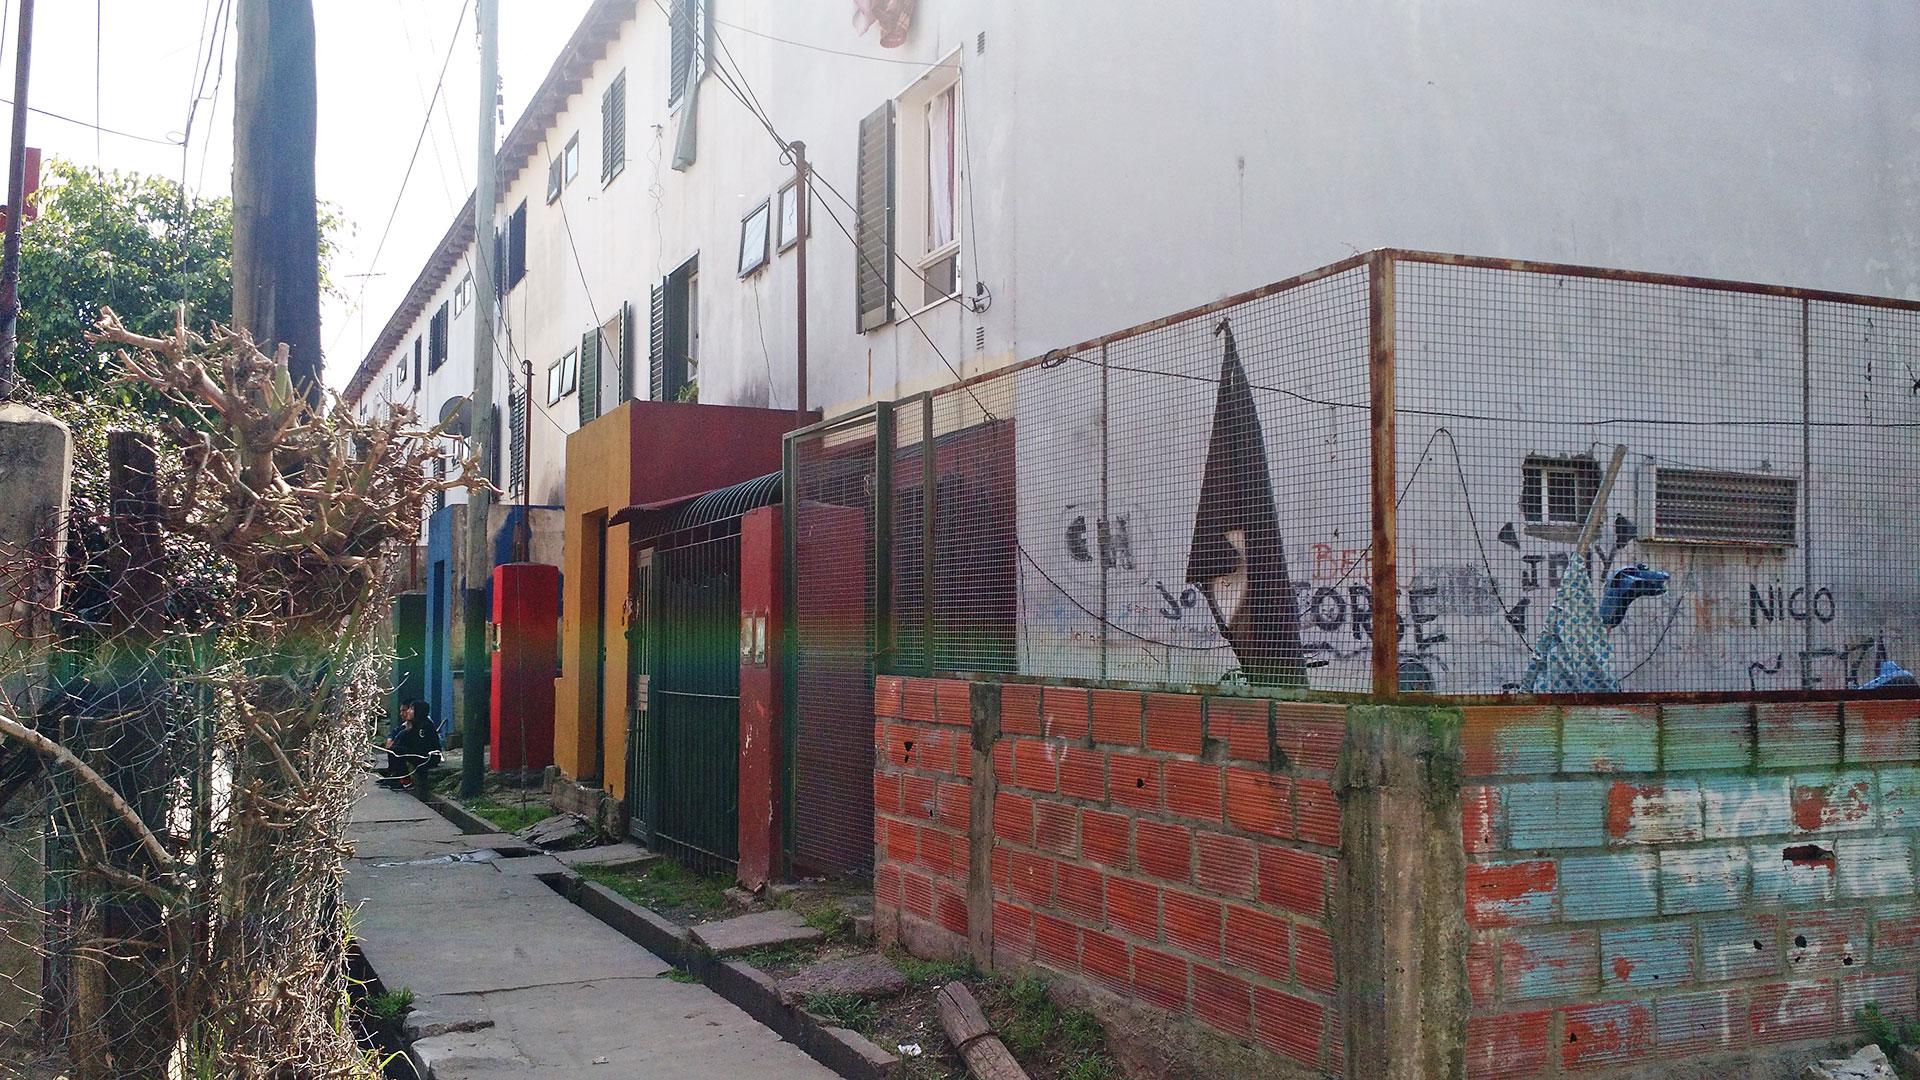 La entrada a la Torre 1 en el barrio Santa Rita de Boulogne.